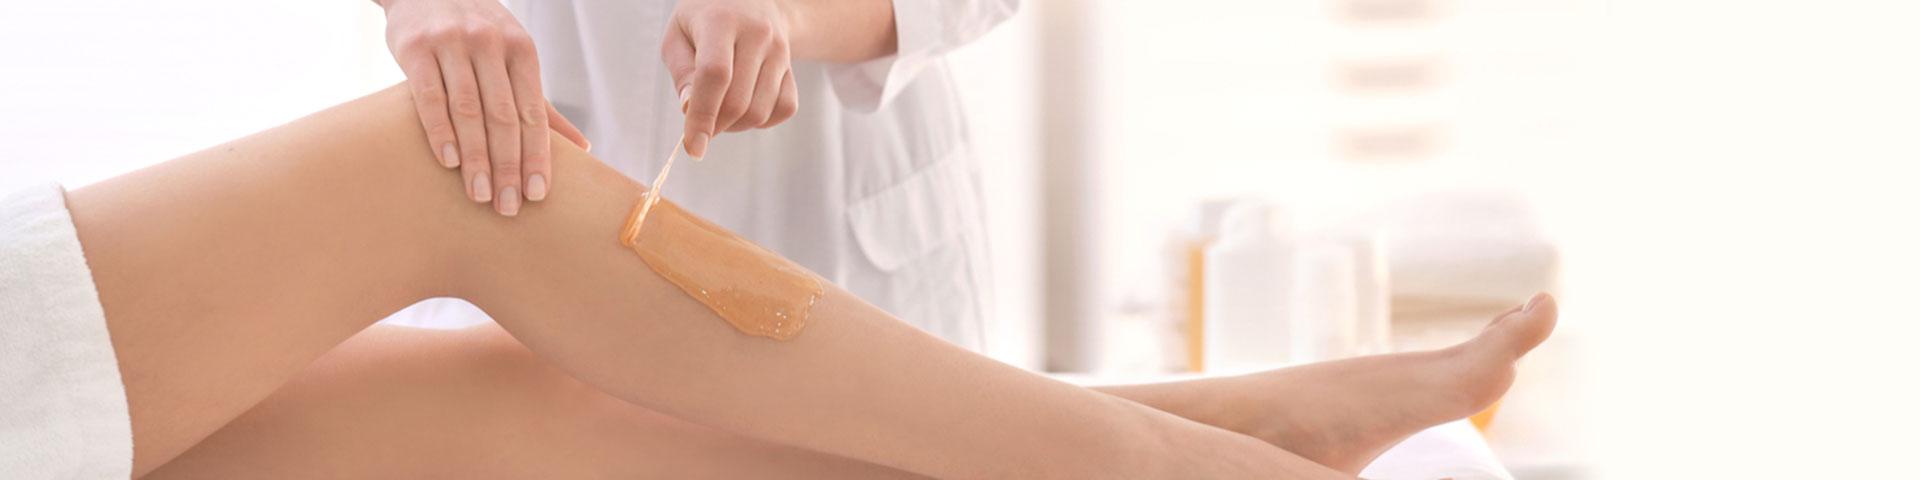 Waxing - Frauenbeine an denen geharzt wird